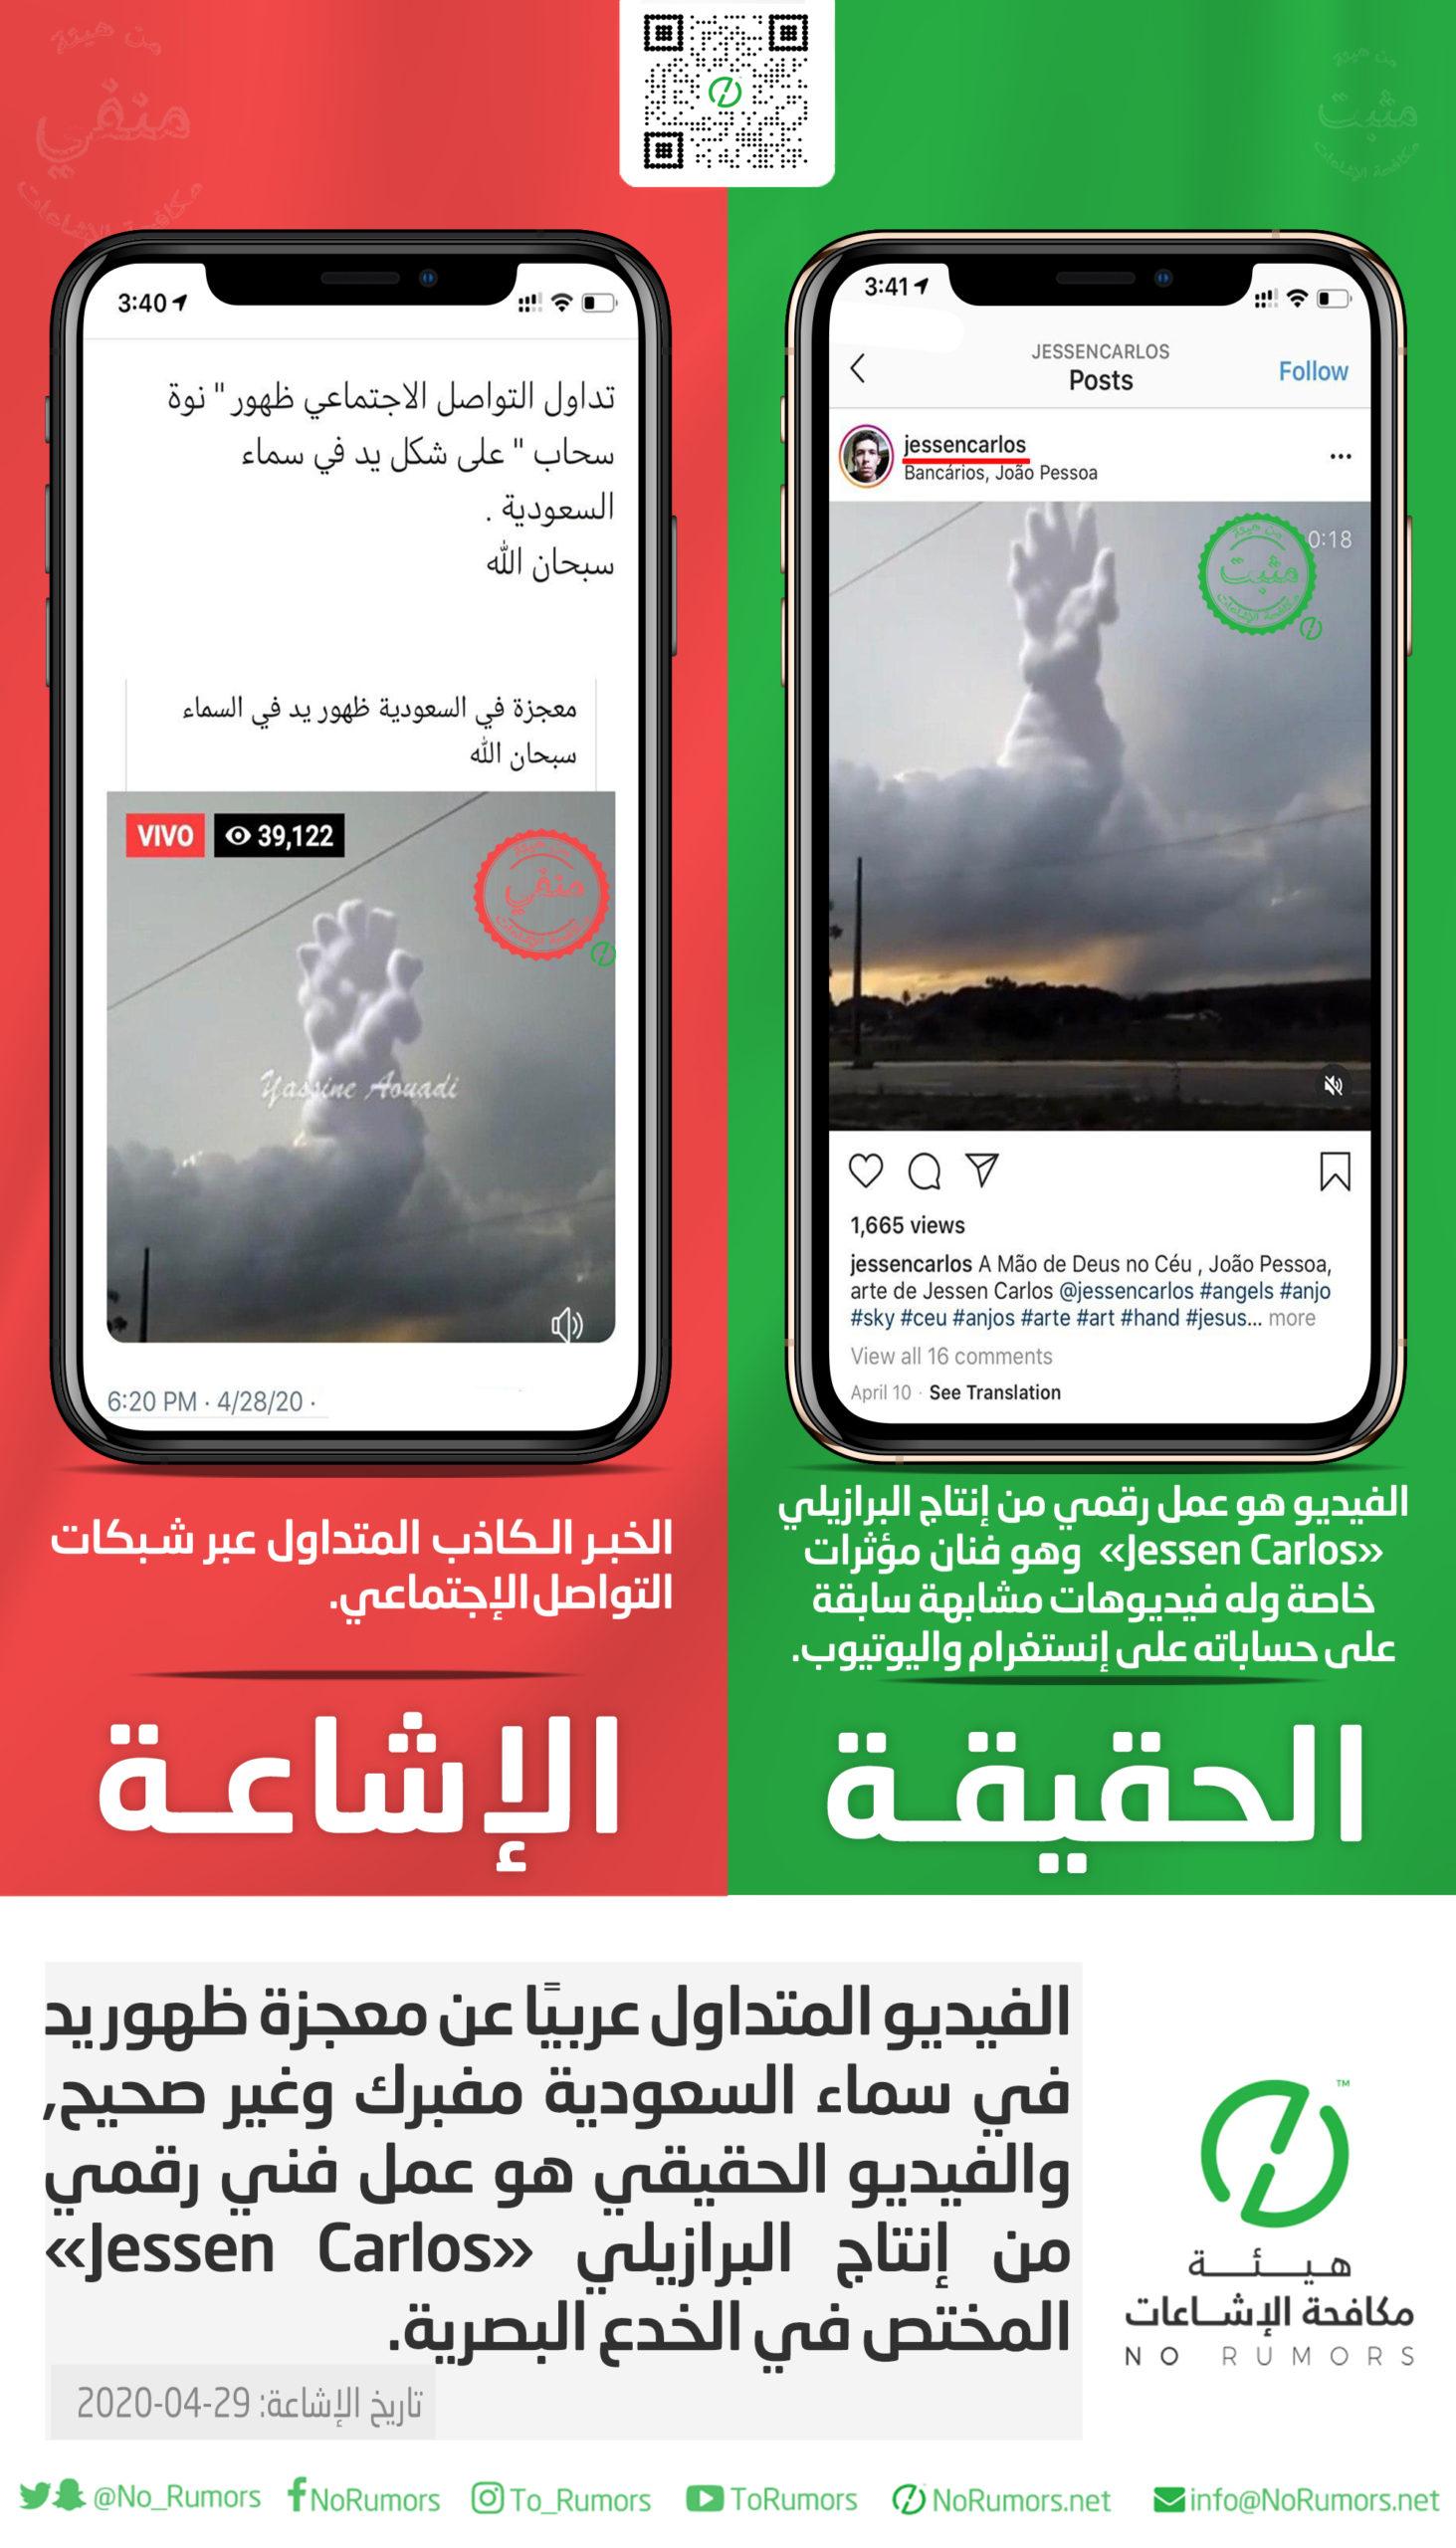 الفيديو المتداول عربيًا عن معجزة ظهور يد في سماء السعودية